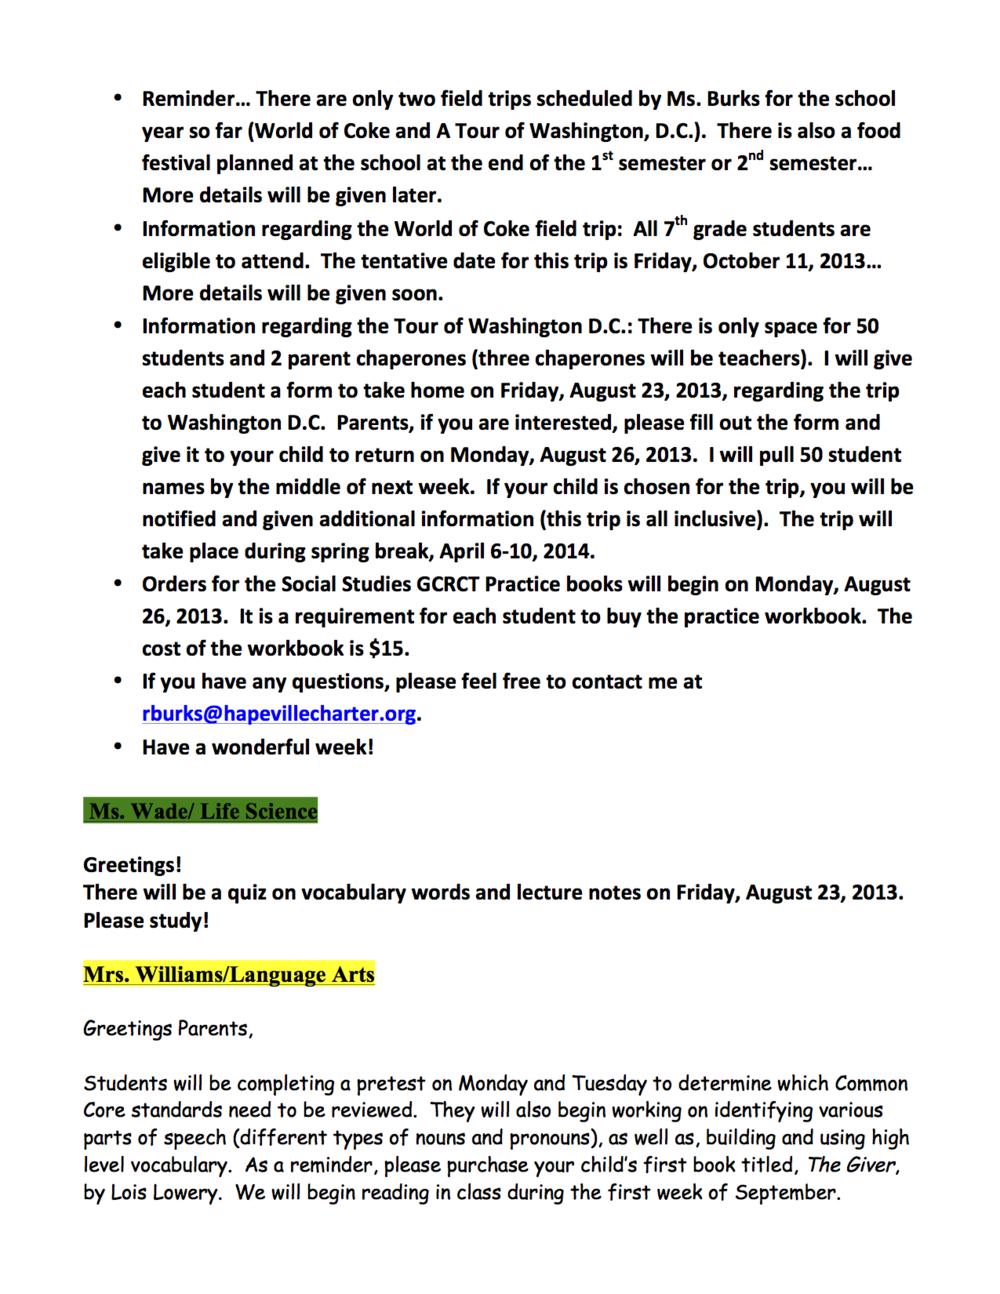 7thGradeNewsletter2.png